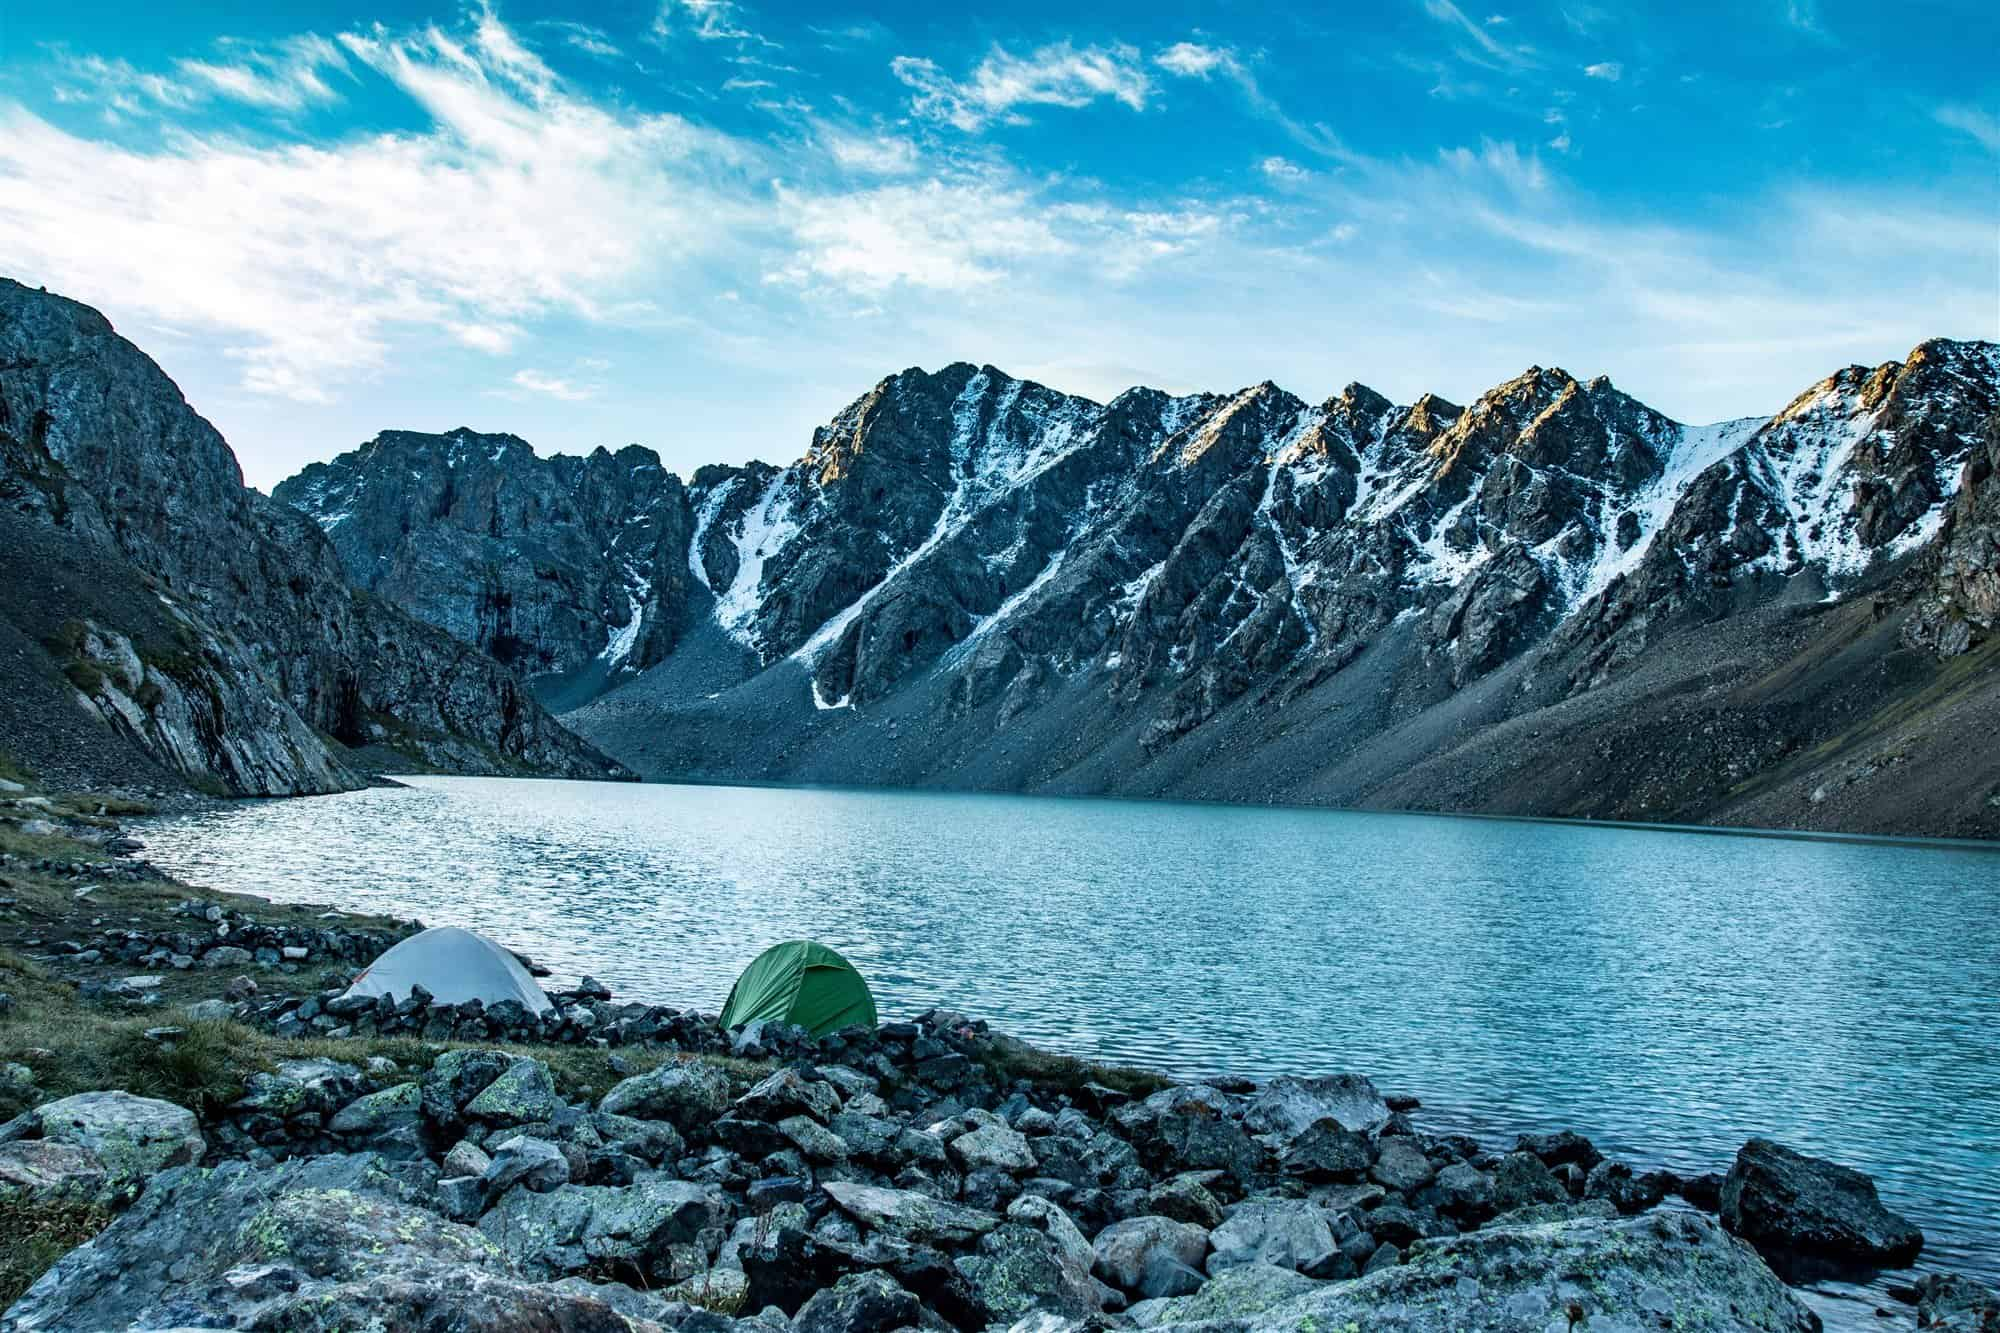 Alakul lake 2(2000 x 1333)